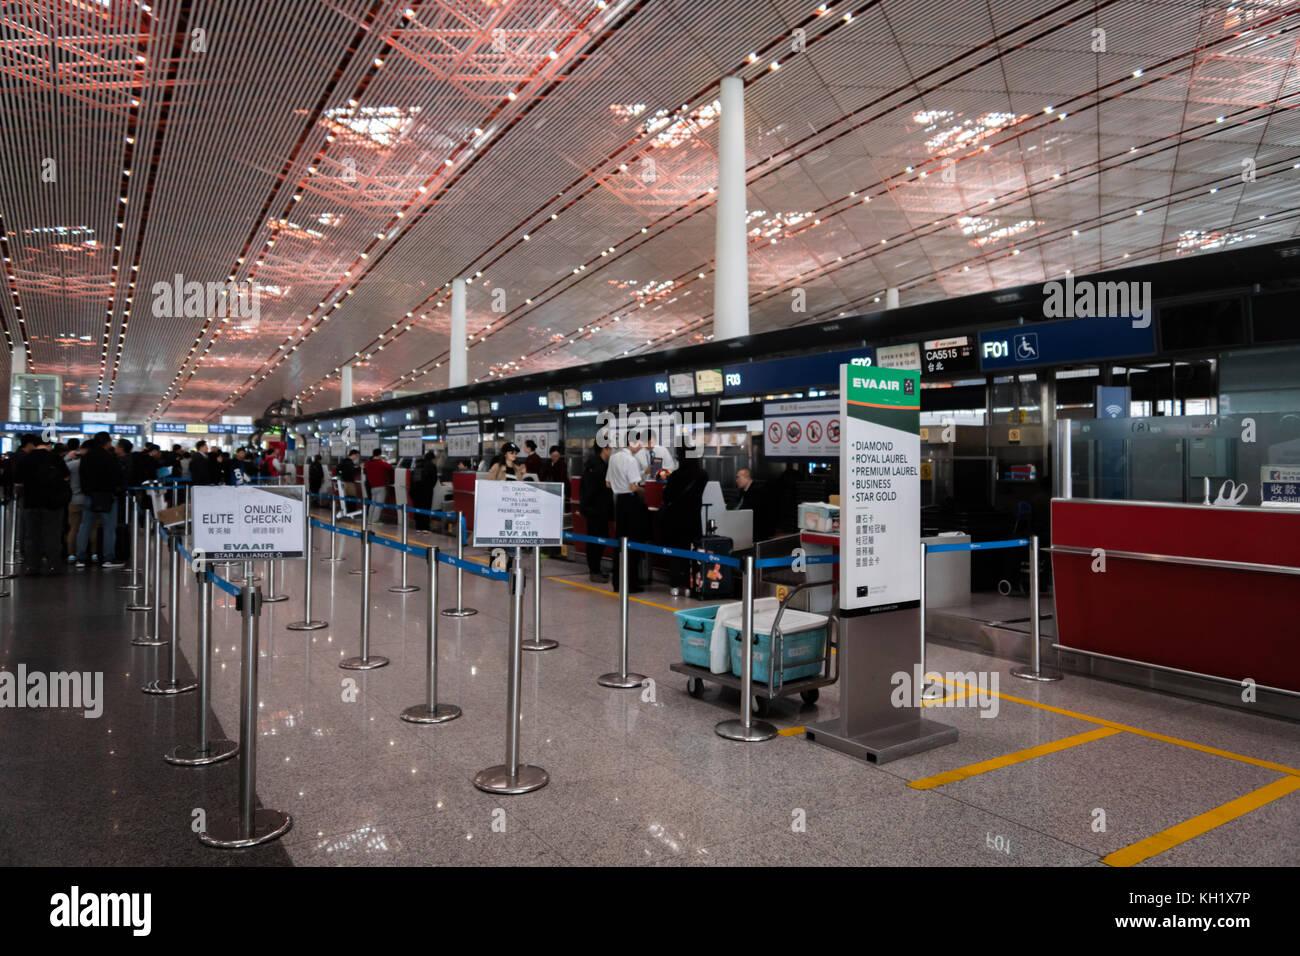 Pechino, Cina - ottobre 2017: eva air al banco check-in all'aeroporto di Pechino in Cina. eva air è un Immagini Stock